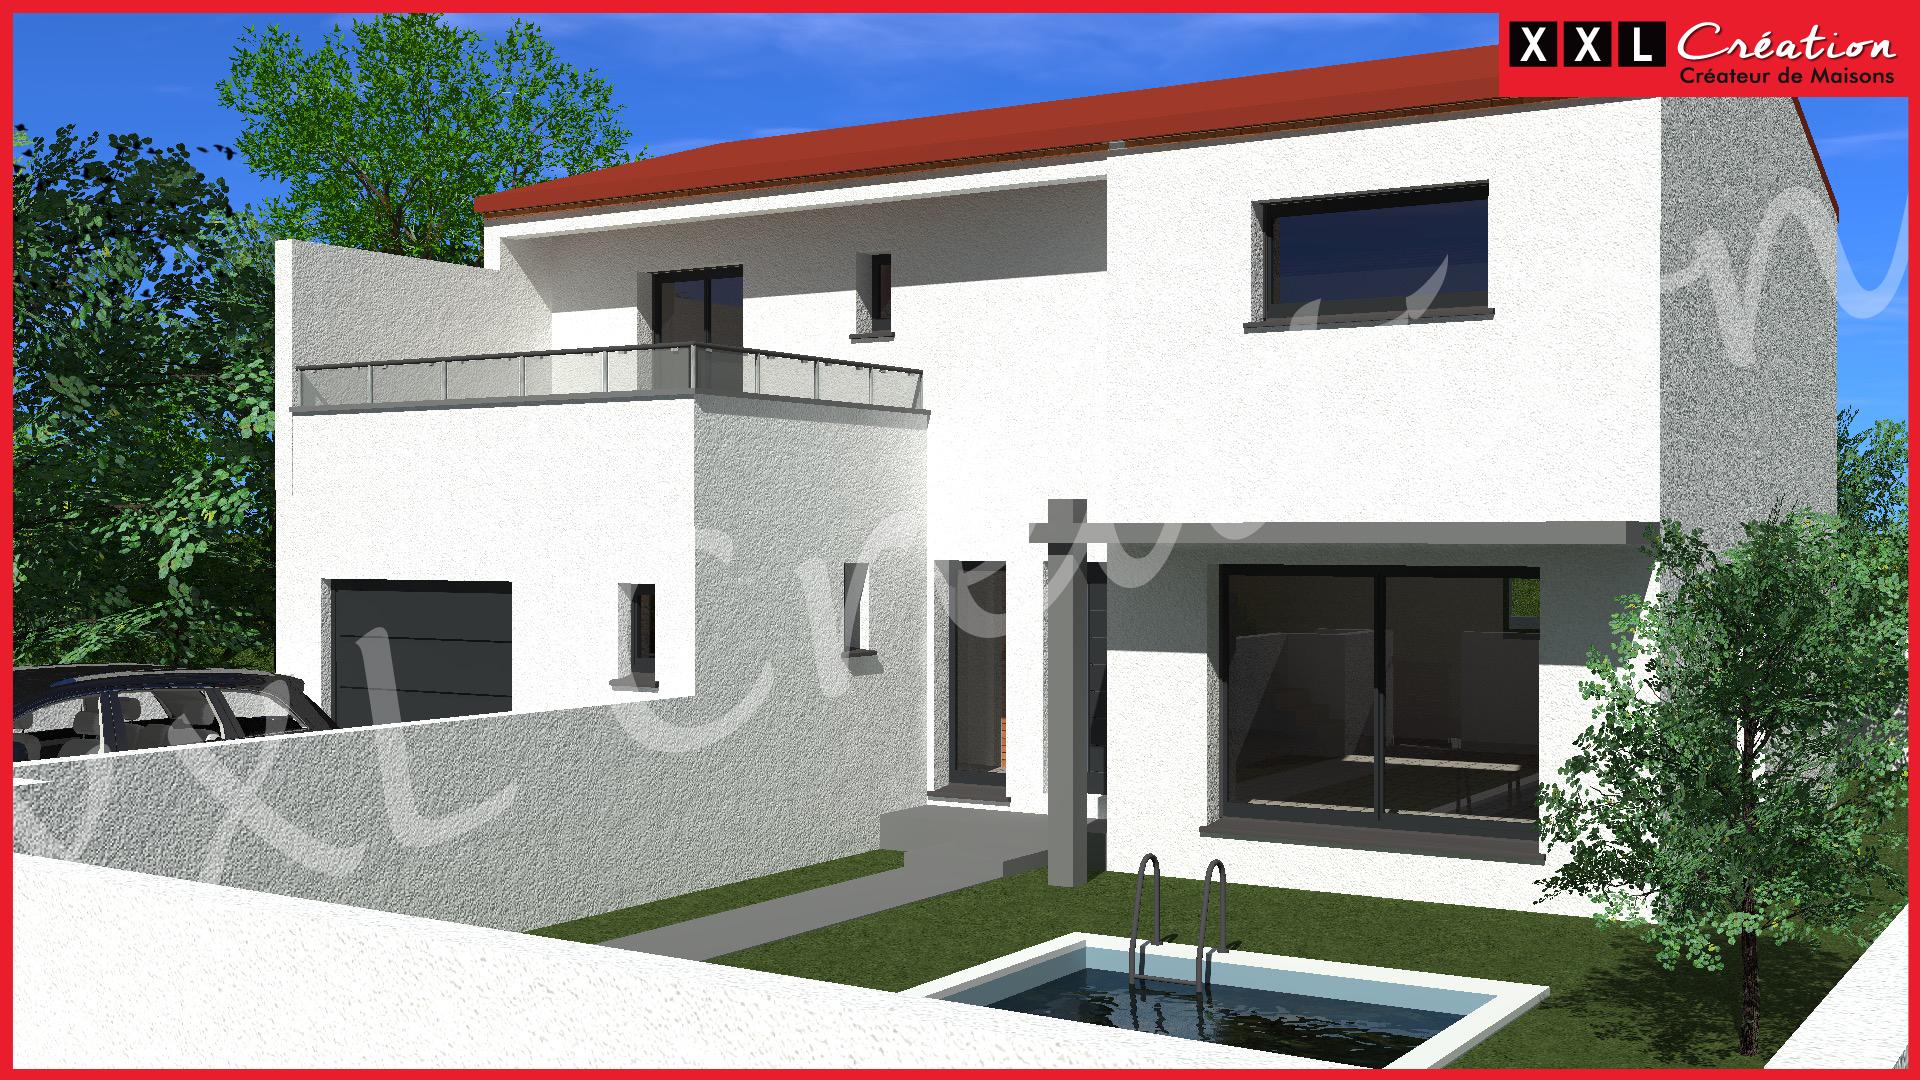 Maisons + Terrains du constructeur XXL CREATION • 90 m² • PERPIGNAN